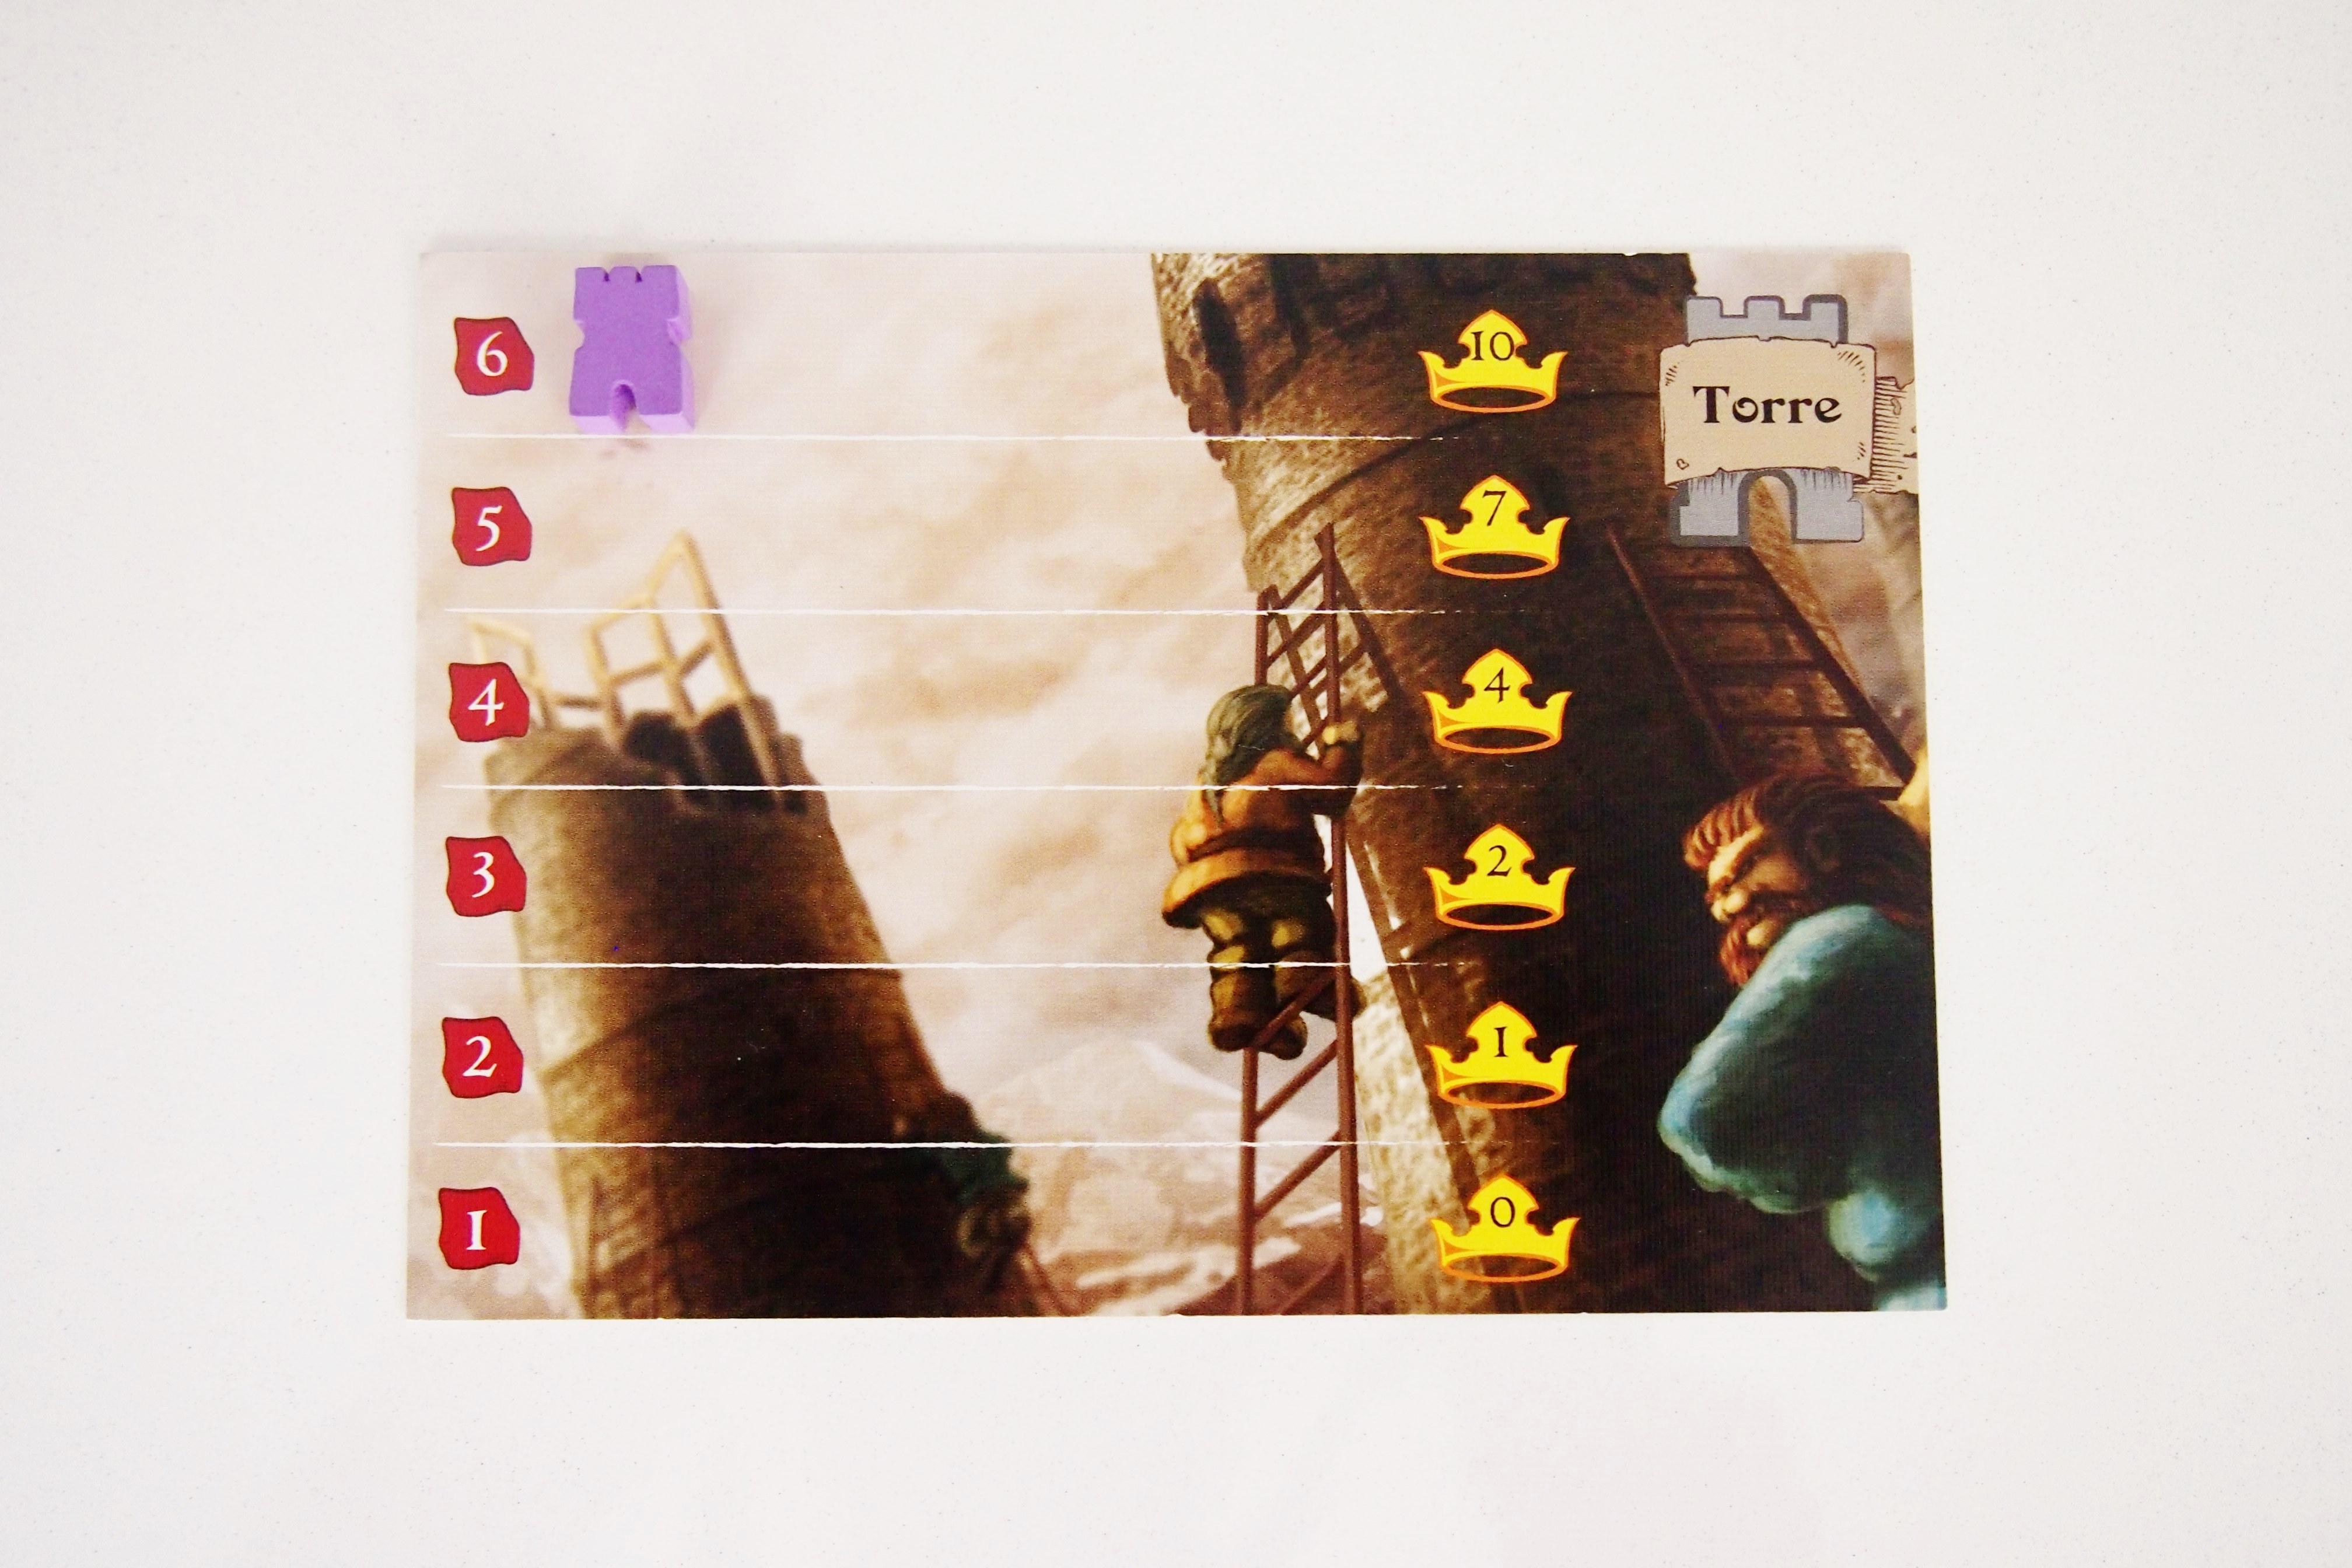 La partida finalizará cuando un jugador coloque a sus siete trabajadores, cuando alcance el último nivel de magia o en el momento en que construya su sexto tramo de torre.